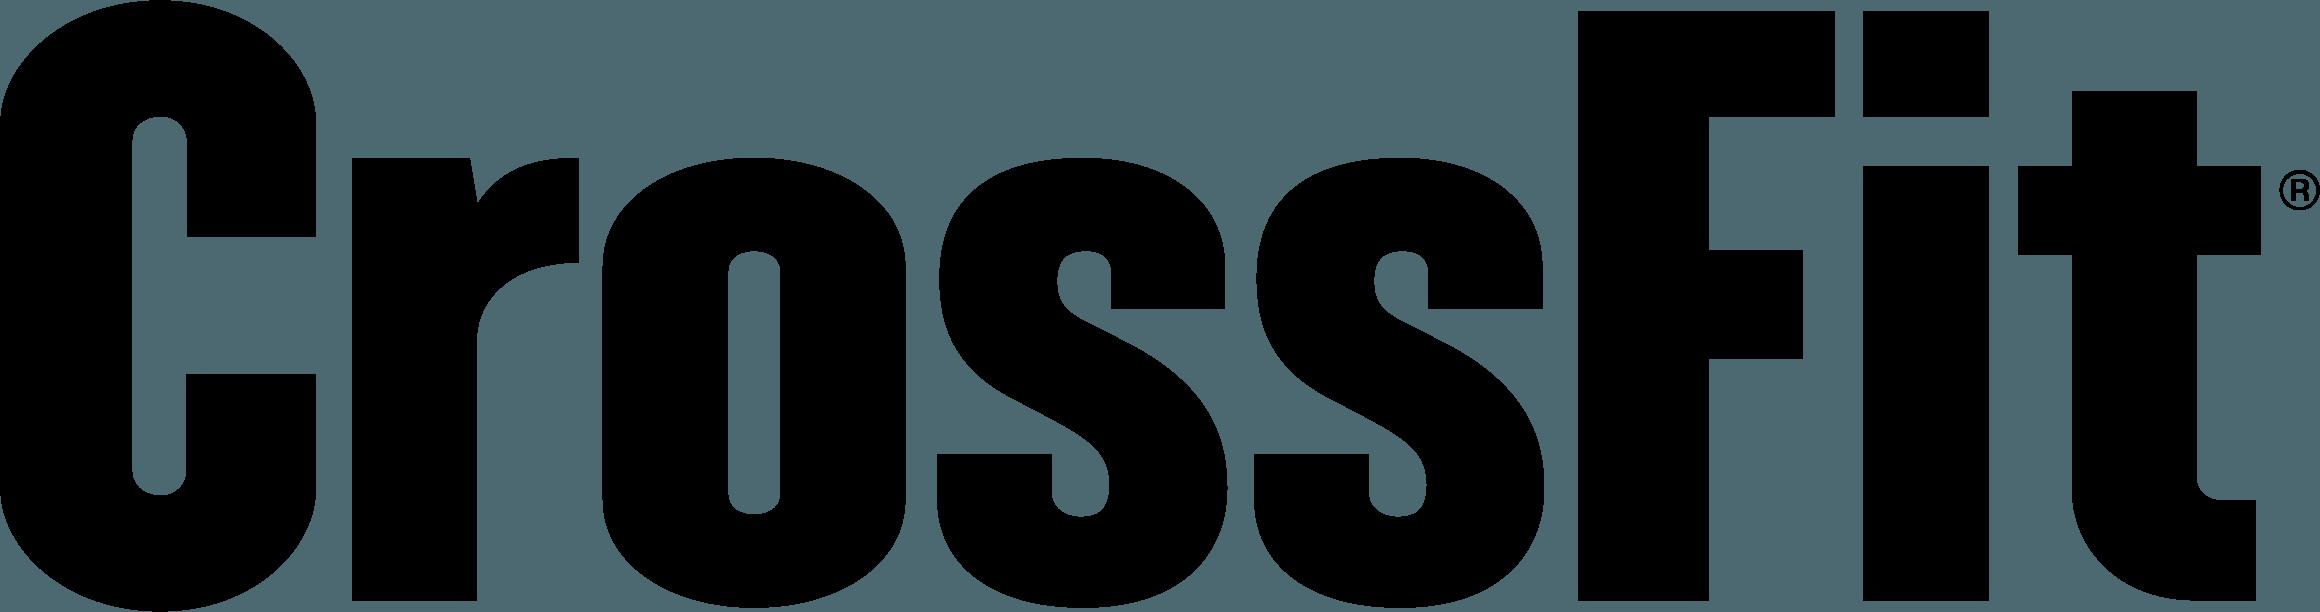 Crossfit Logo png